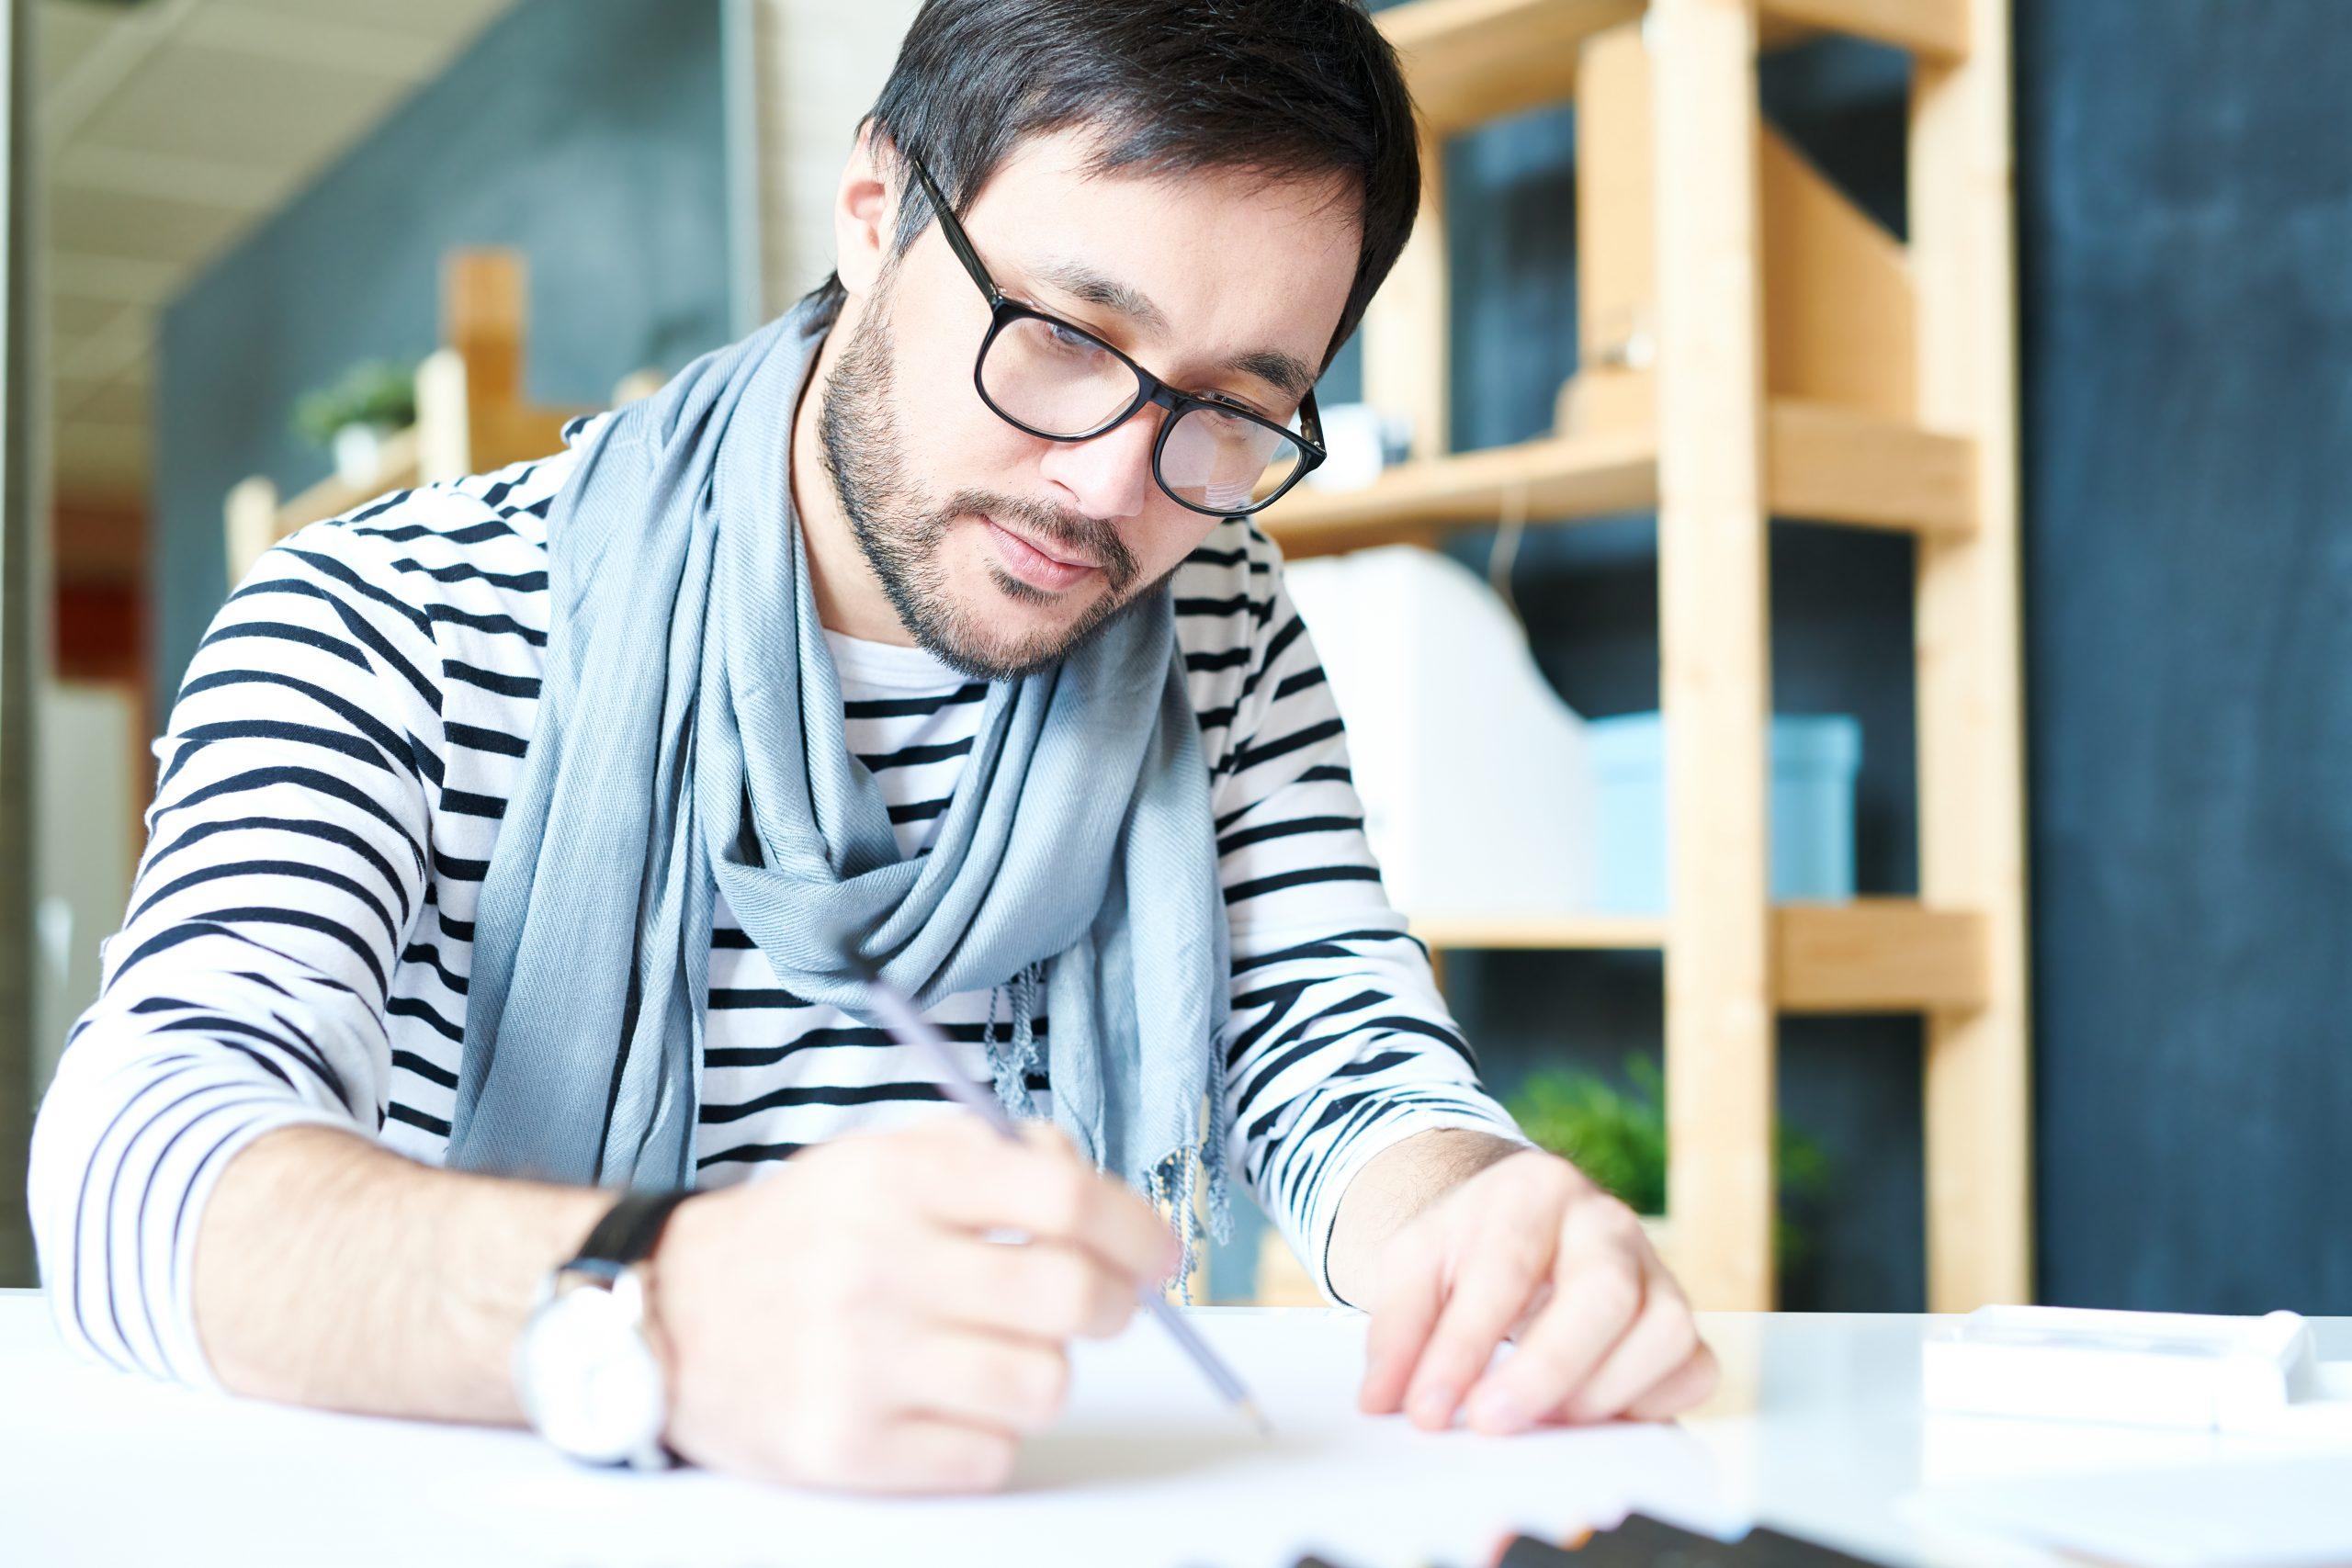 designer at desk working on widgets